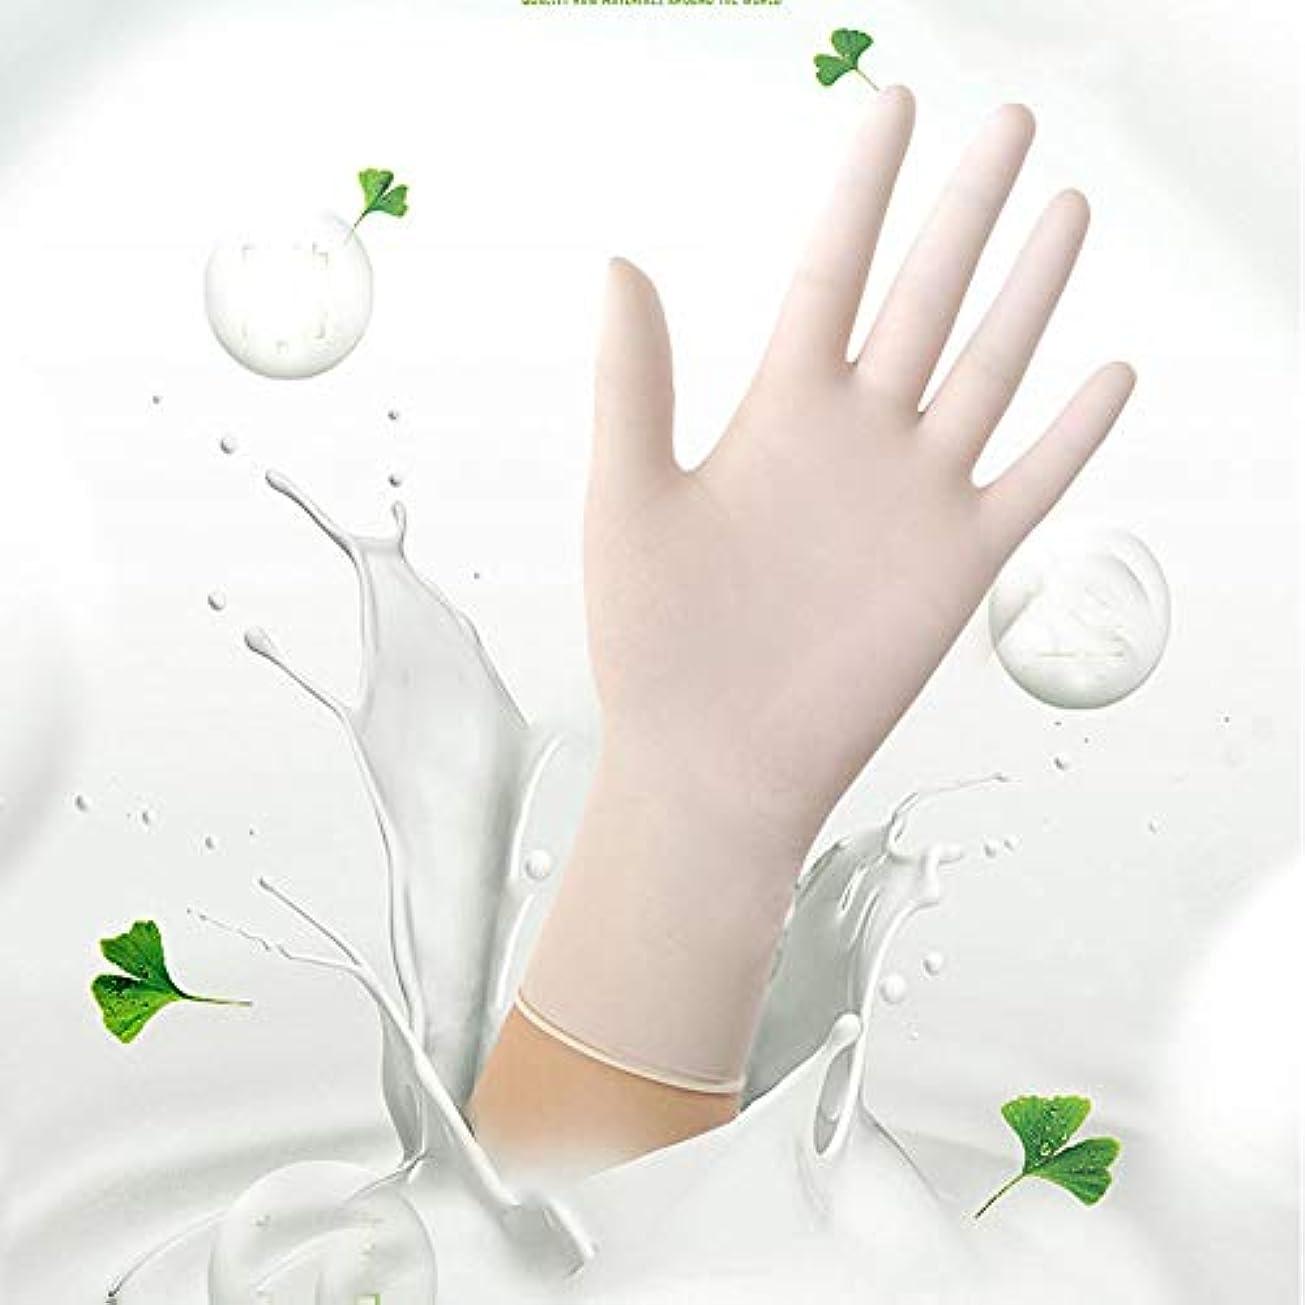 誘惑するミニチュアアロングニトリル検査用手袋 - 医療用グレード、パウダーフリー、ラテックスラバーフリー、使い捨て、非滅菌、食品安全、インディゴ色、100カウント、サイズS-L (Color : White, Size : S)